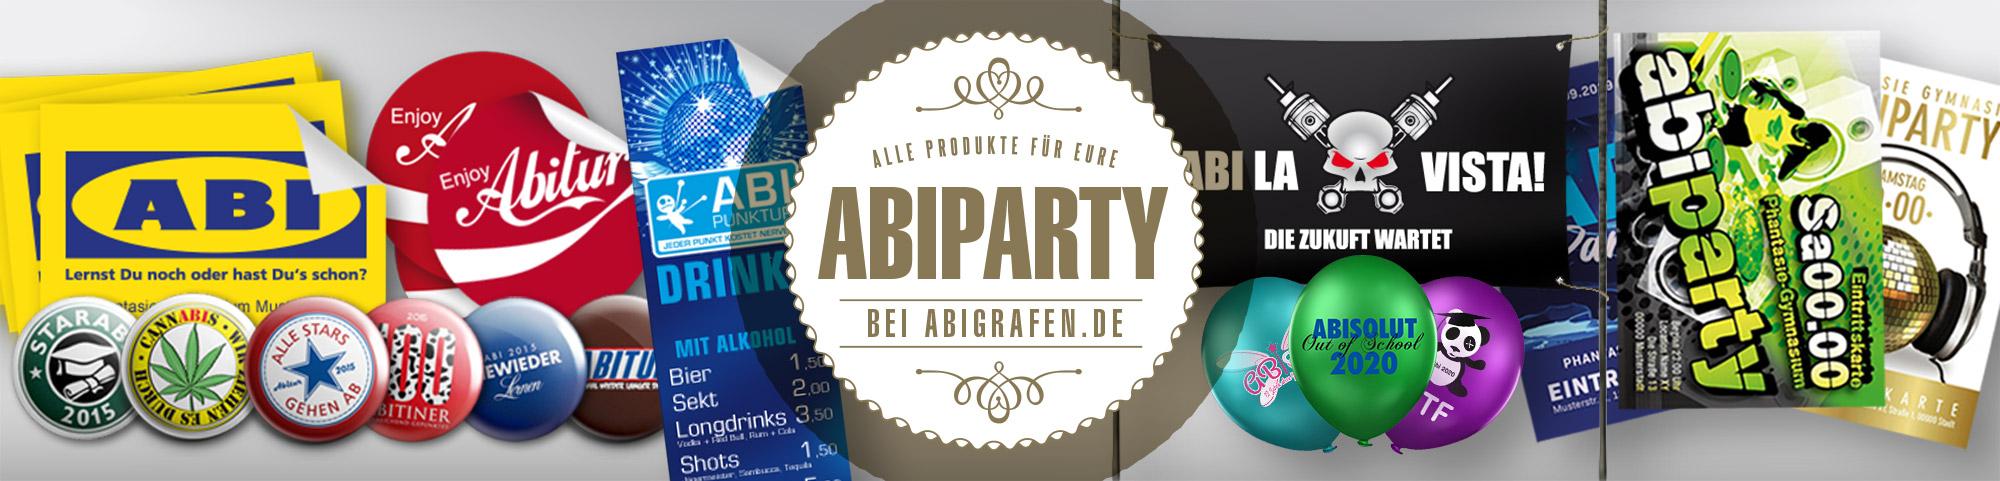 Abishop: Produkte für die Abi-Party drucken (Ballons, Plakate, Getränkekarten, Banner, Hinweisschilder u.v.m.)